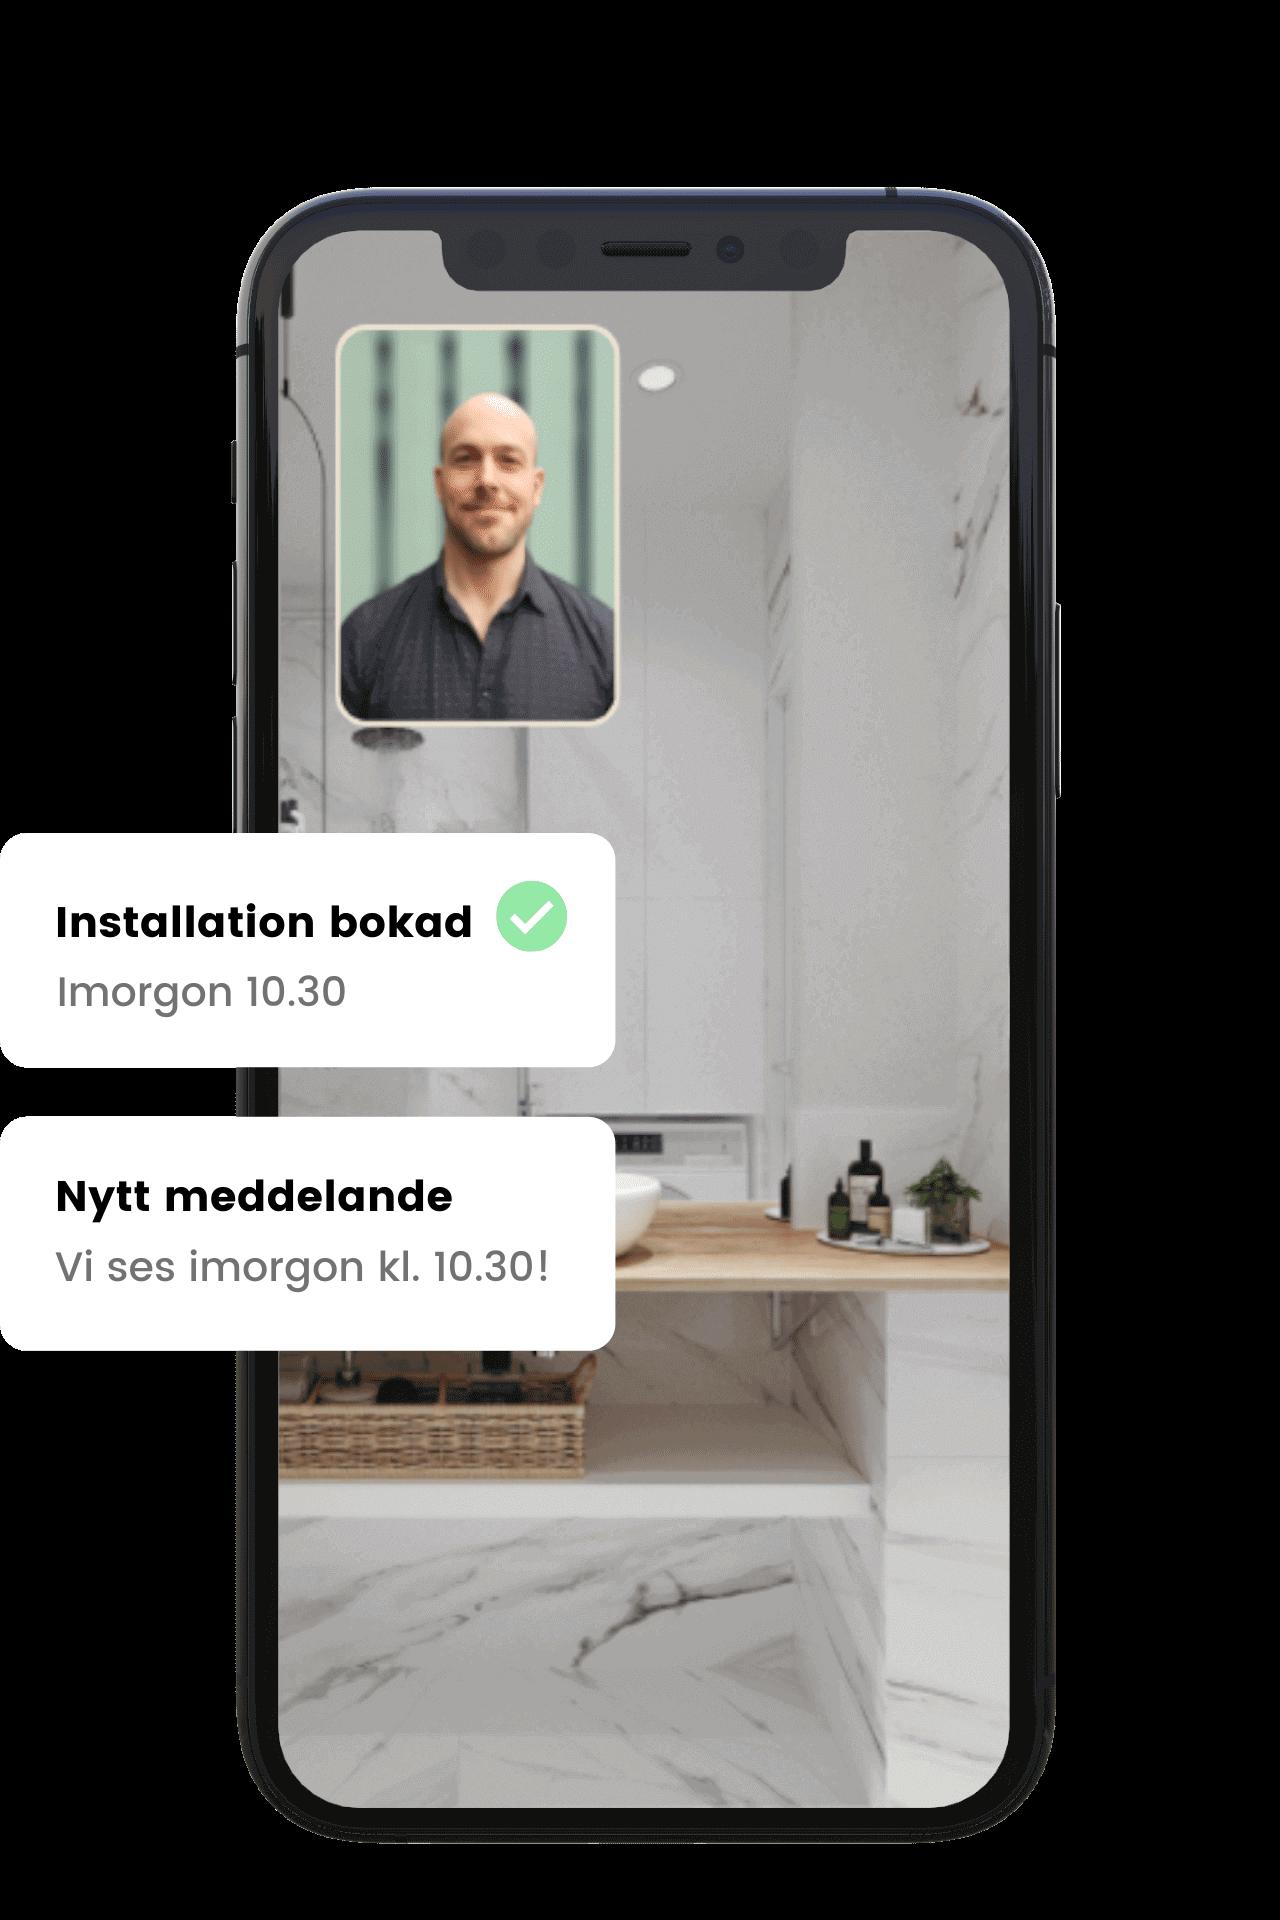 Nu kan du boka installation av din K-Rauta produkt via Done